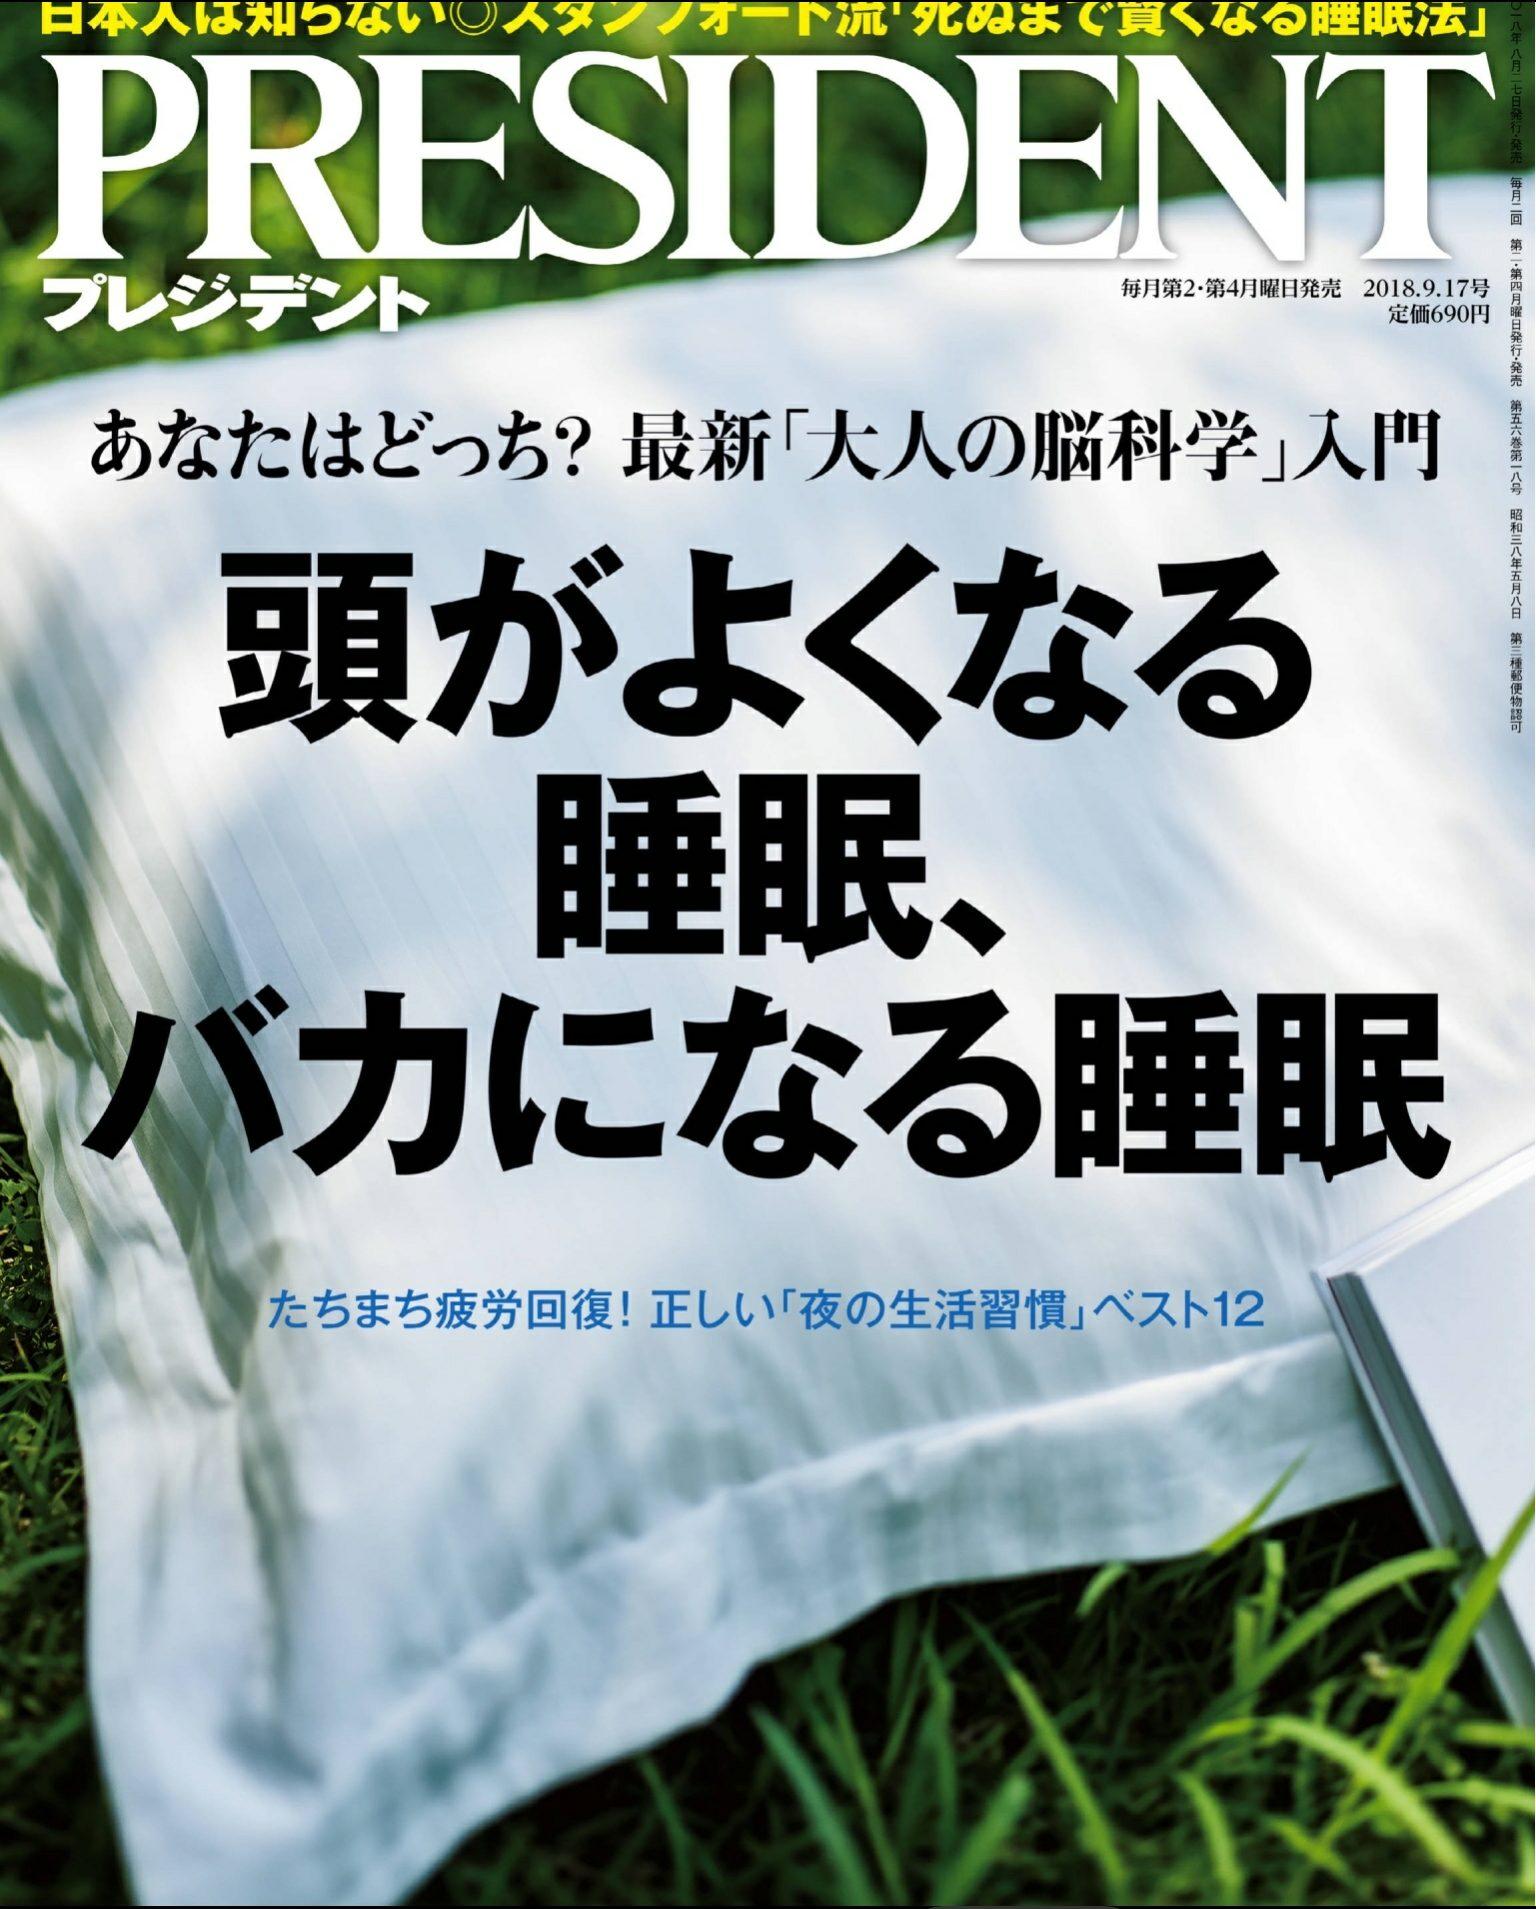 『PRESIDENT』【2018.9.17号】表紙